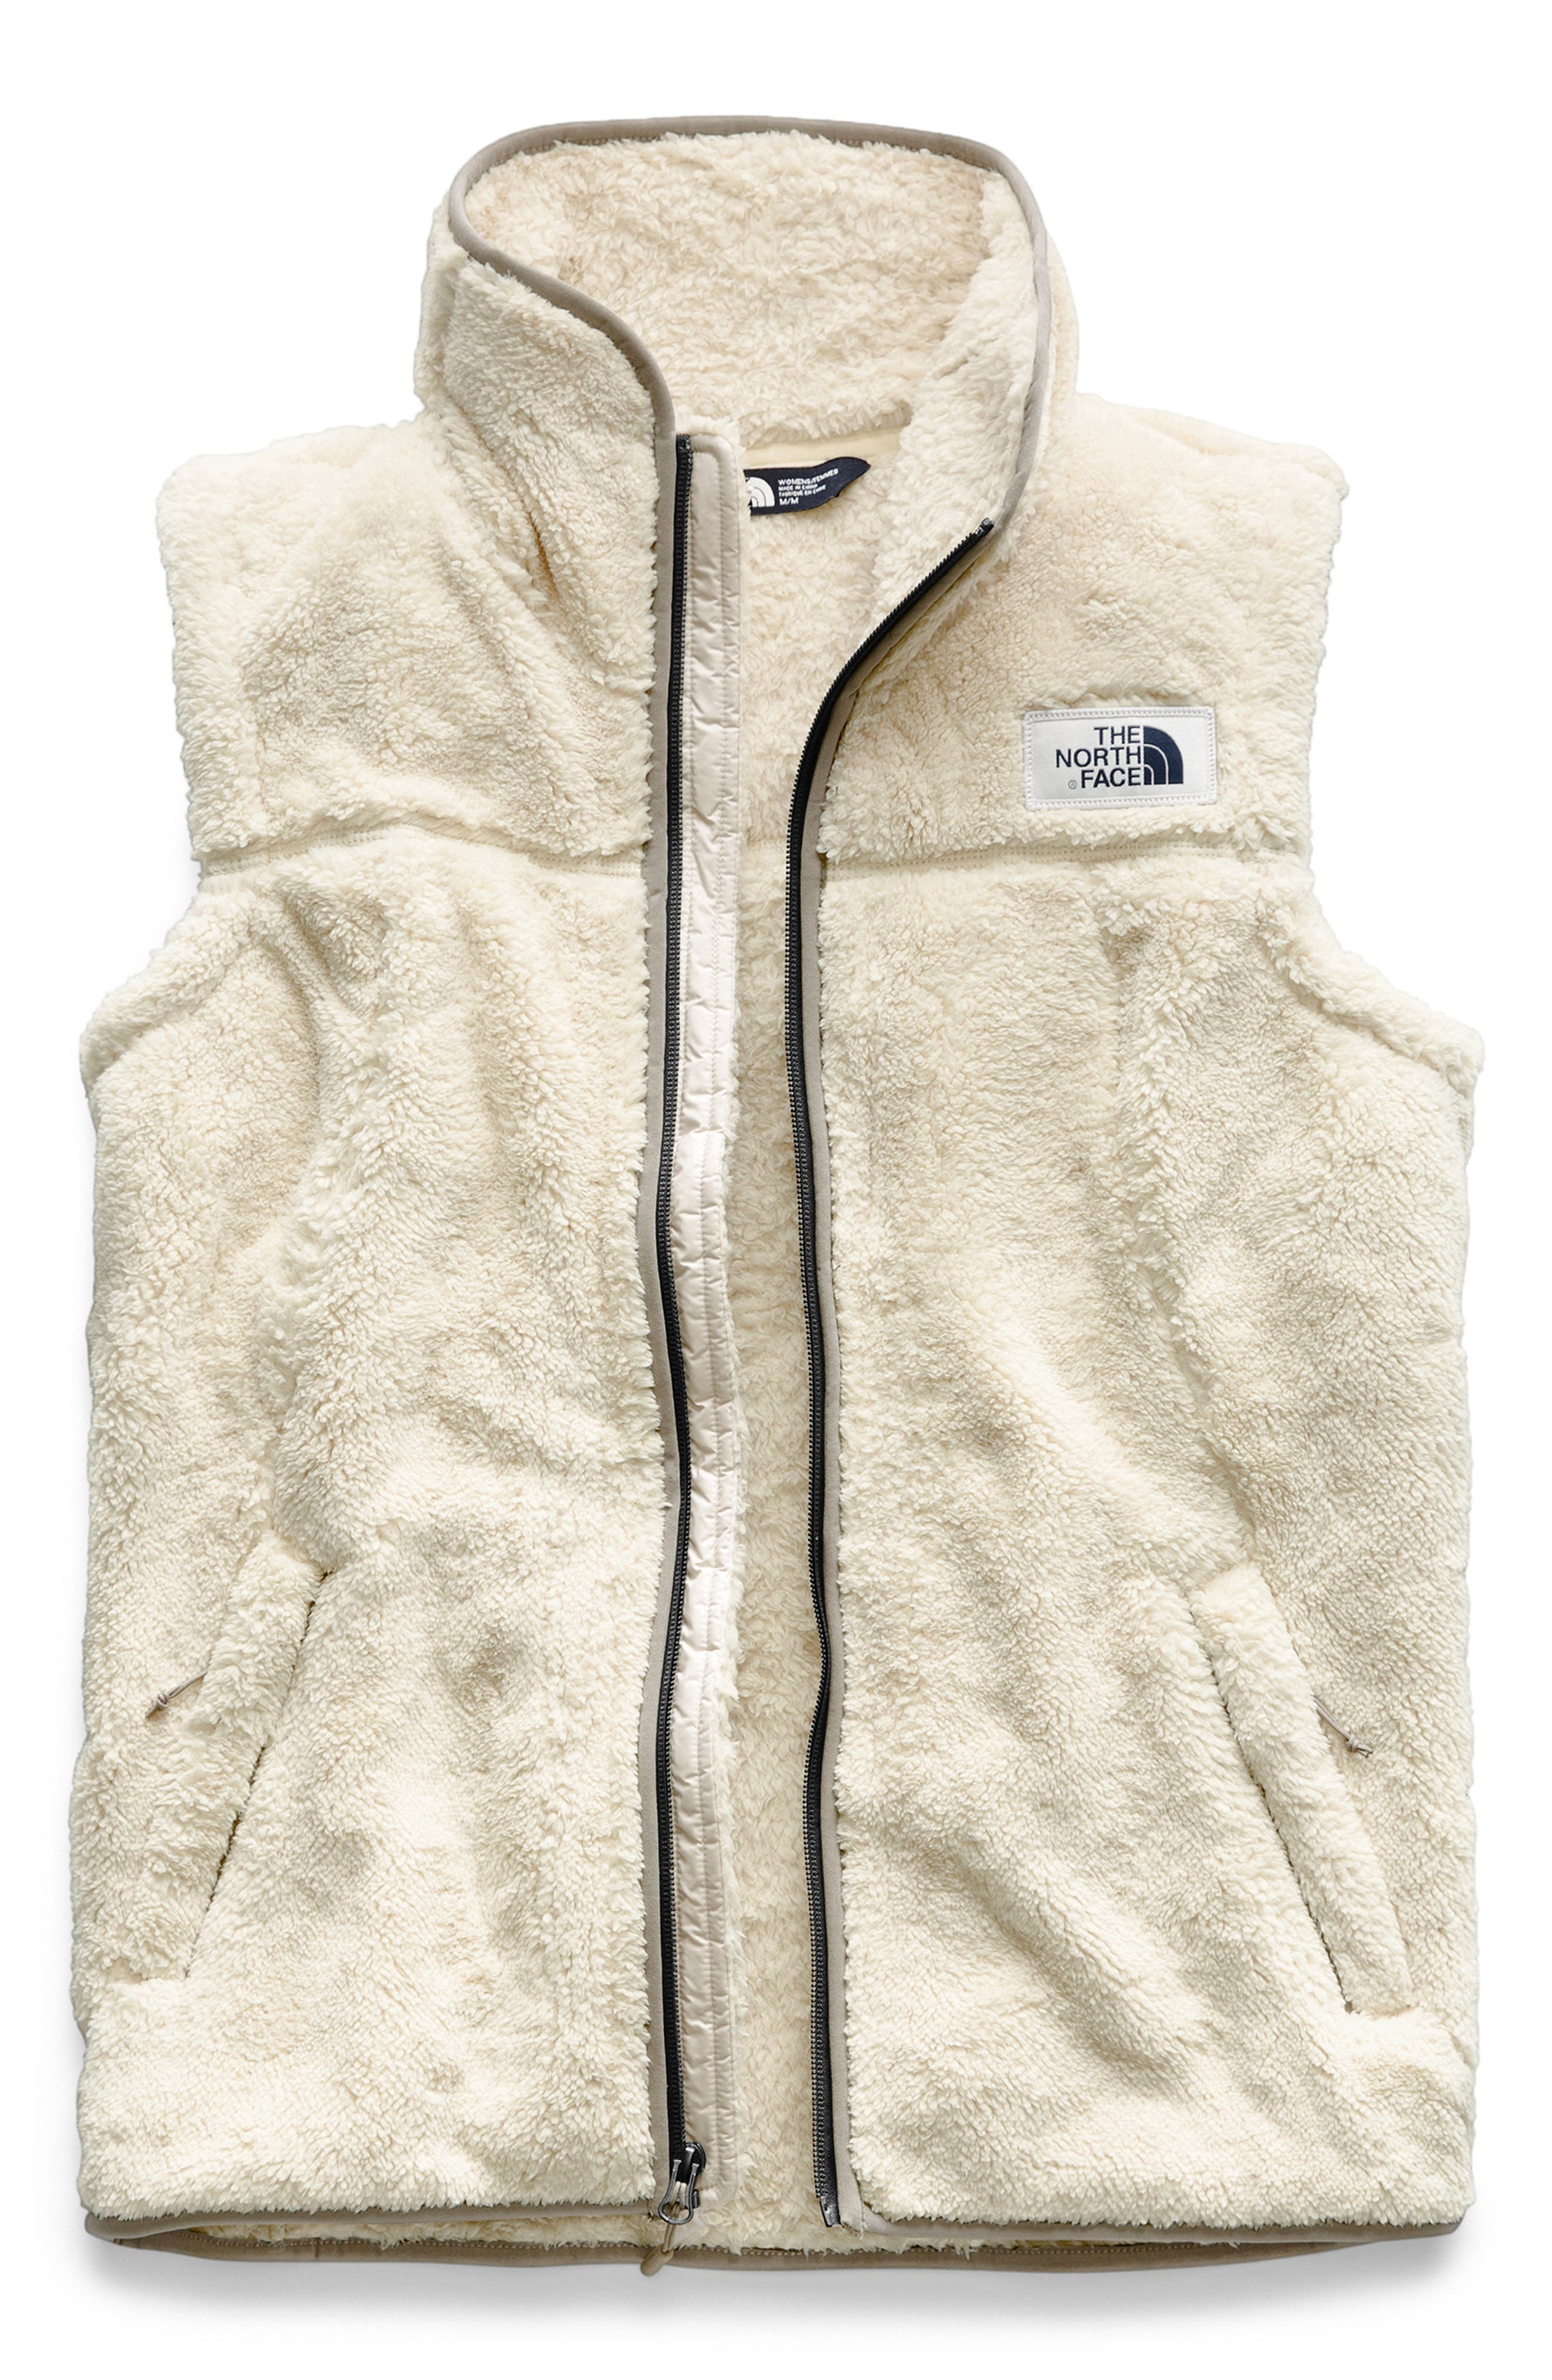 Campshire Fleece Vest,                             Main thumbnail 1, color,                             VINTAGE WHITE/ GREY